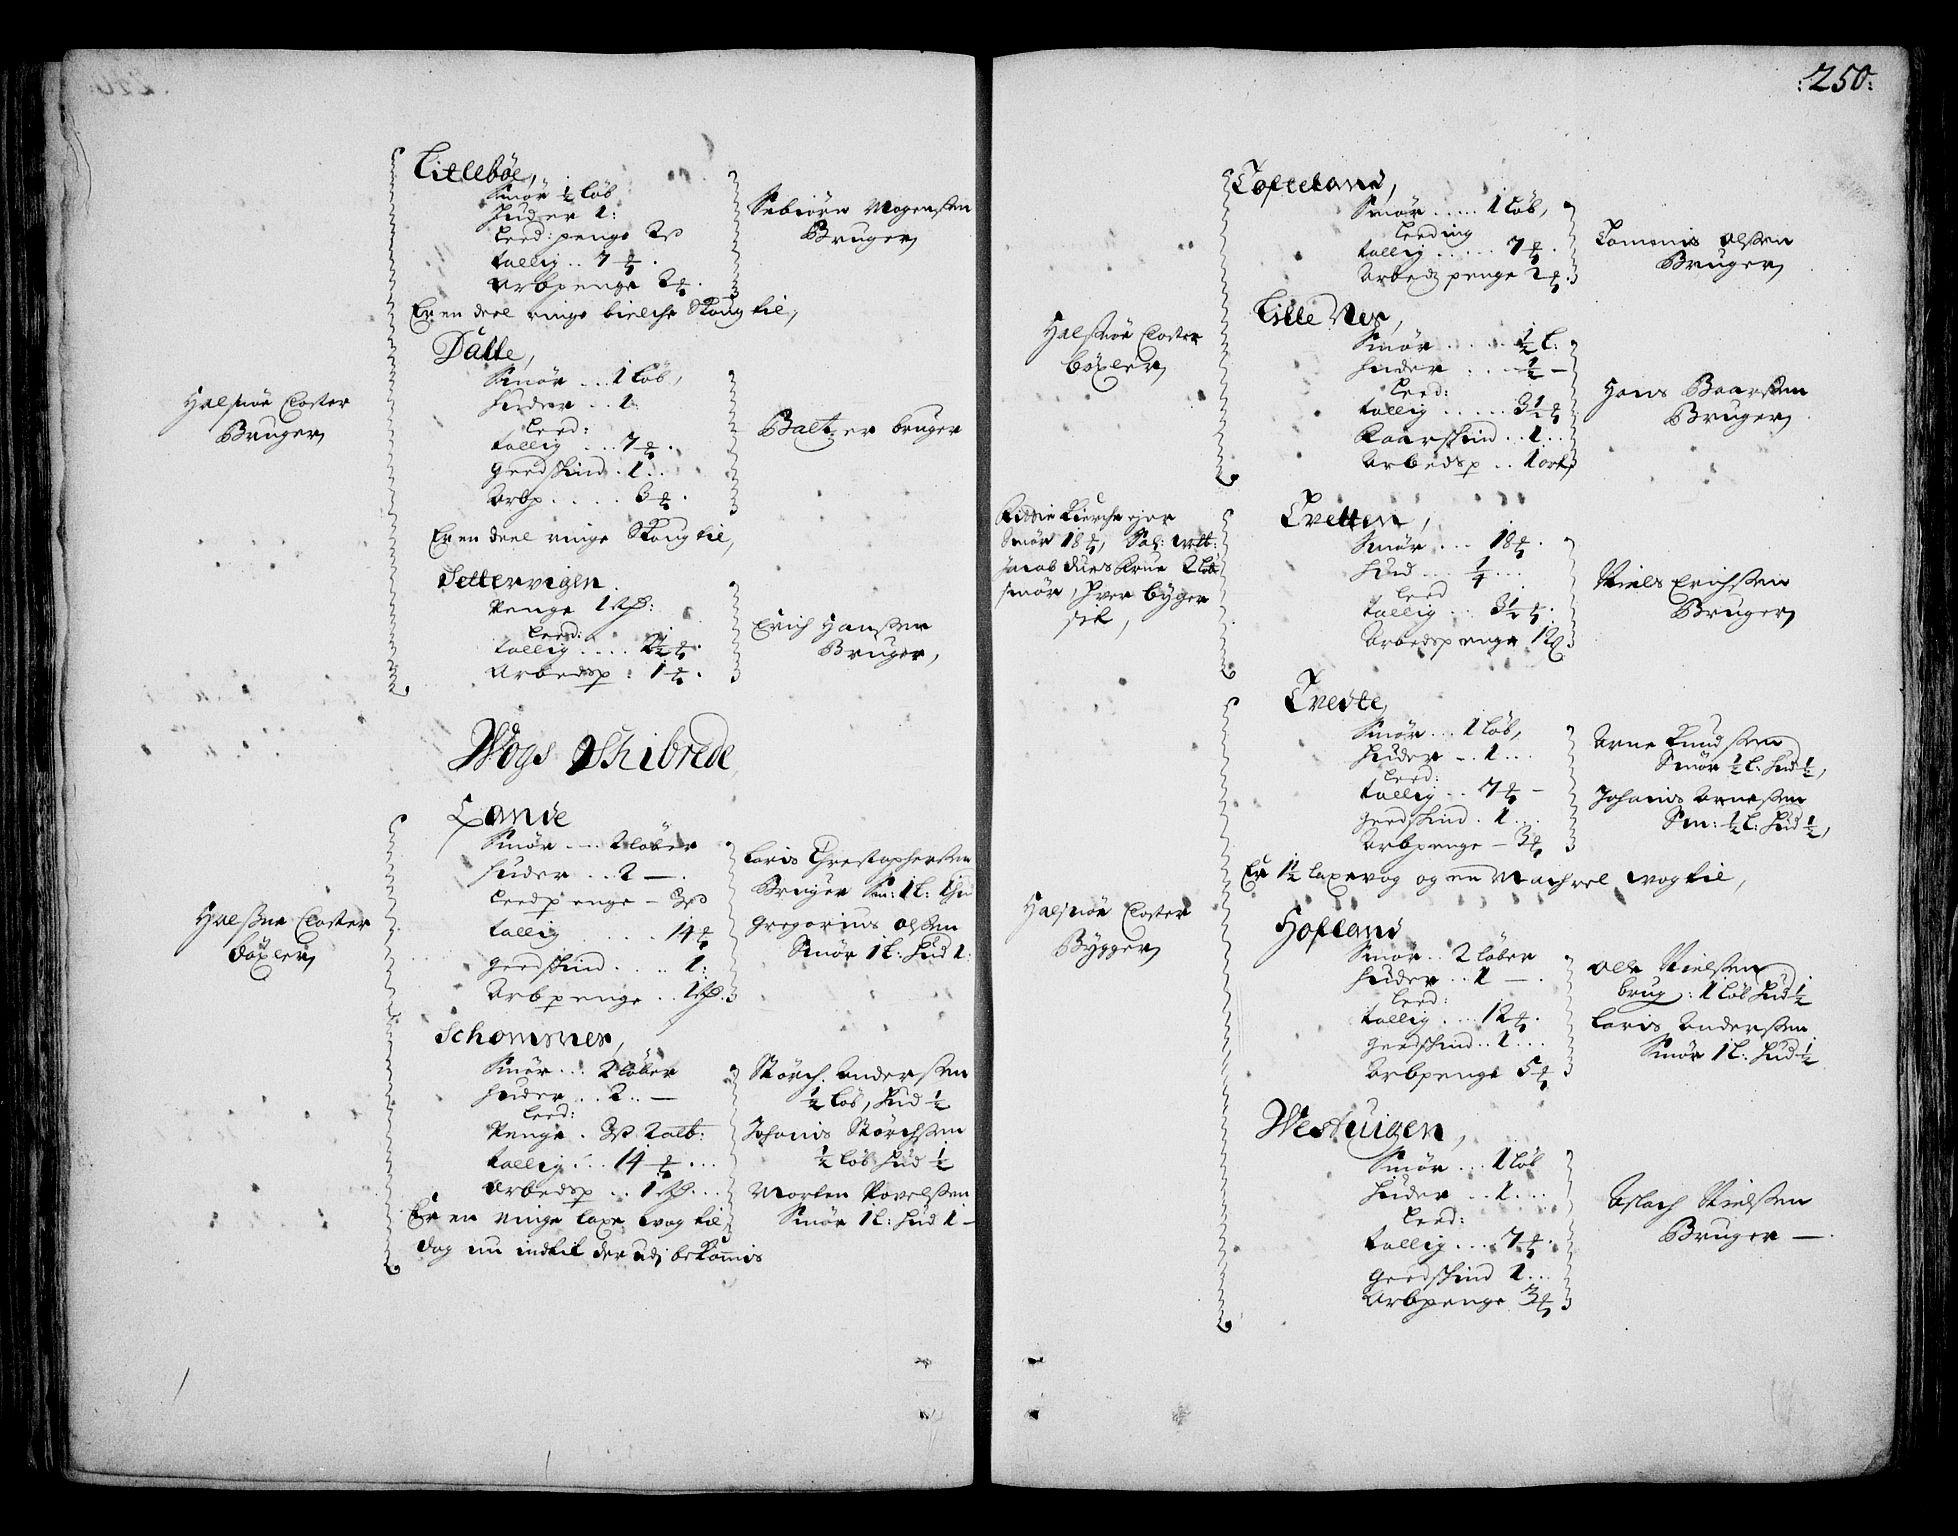 RA, Rentekammeret inntil 1814, Realistisk ordnet avdeling, On/L0002: [Jj 3]: Besiktigelsesforretninger over Halsnøy klosters gods, 1659-1703, s. 249b-250a